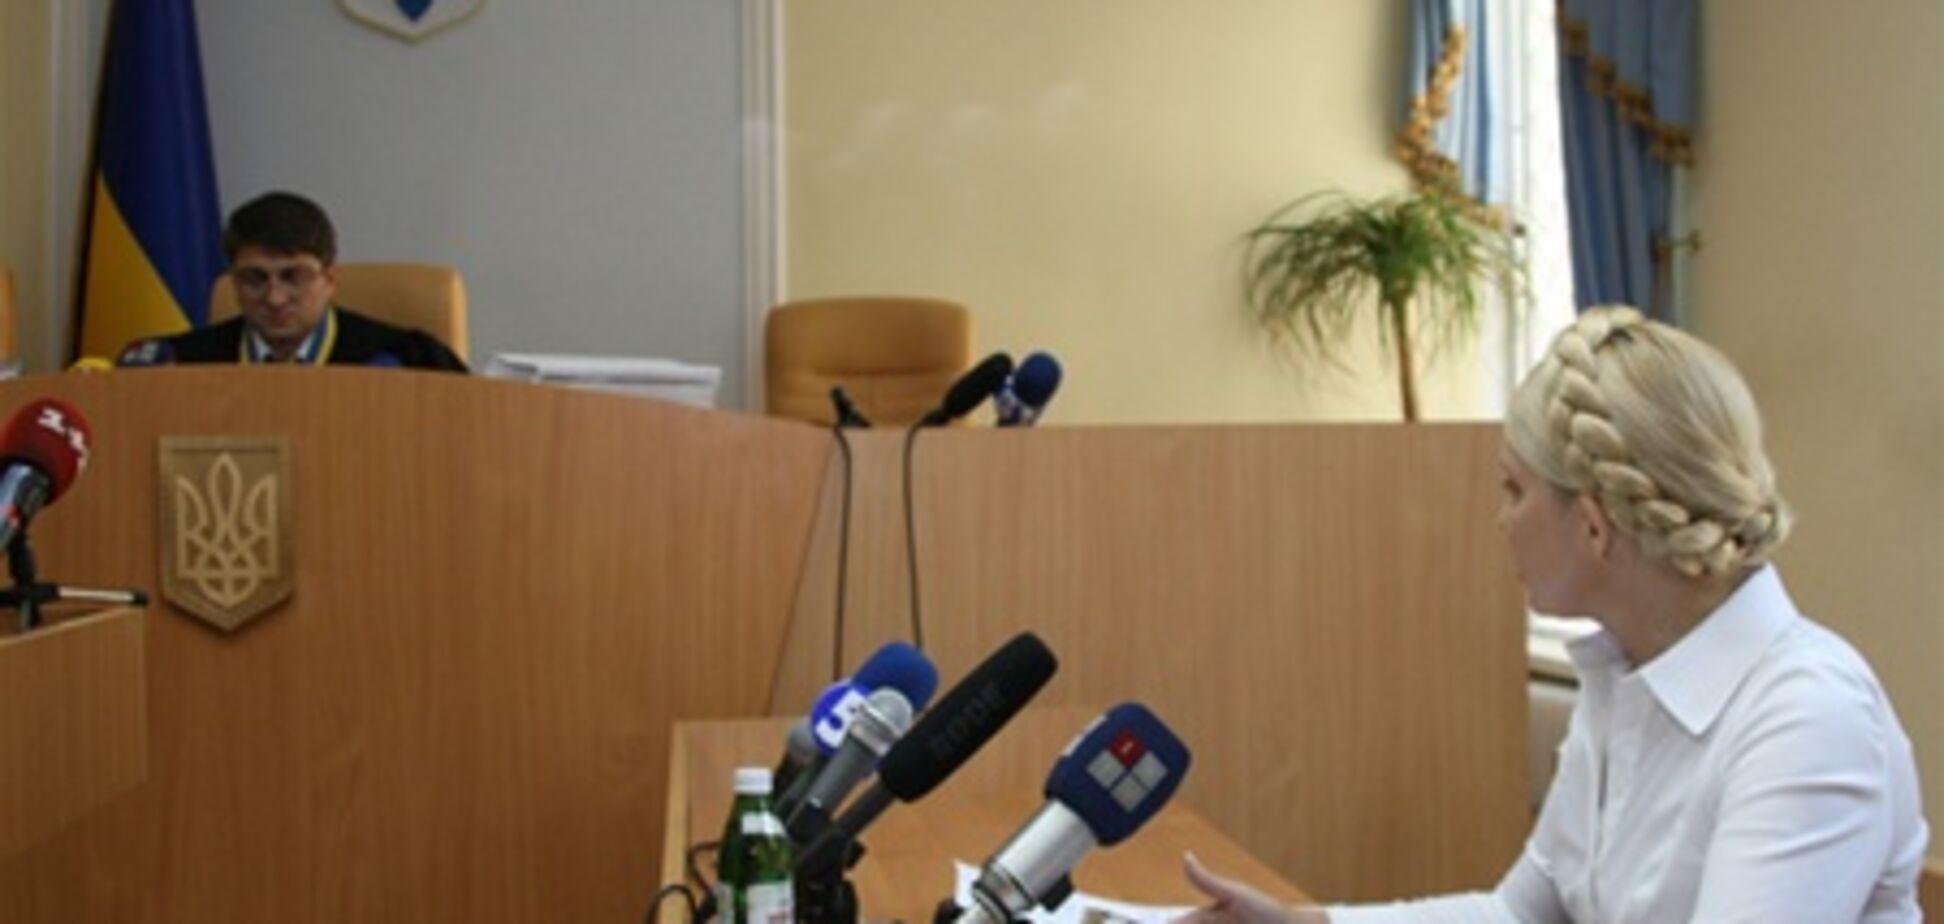 Тимошенко просит перенести суд